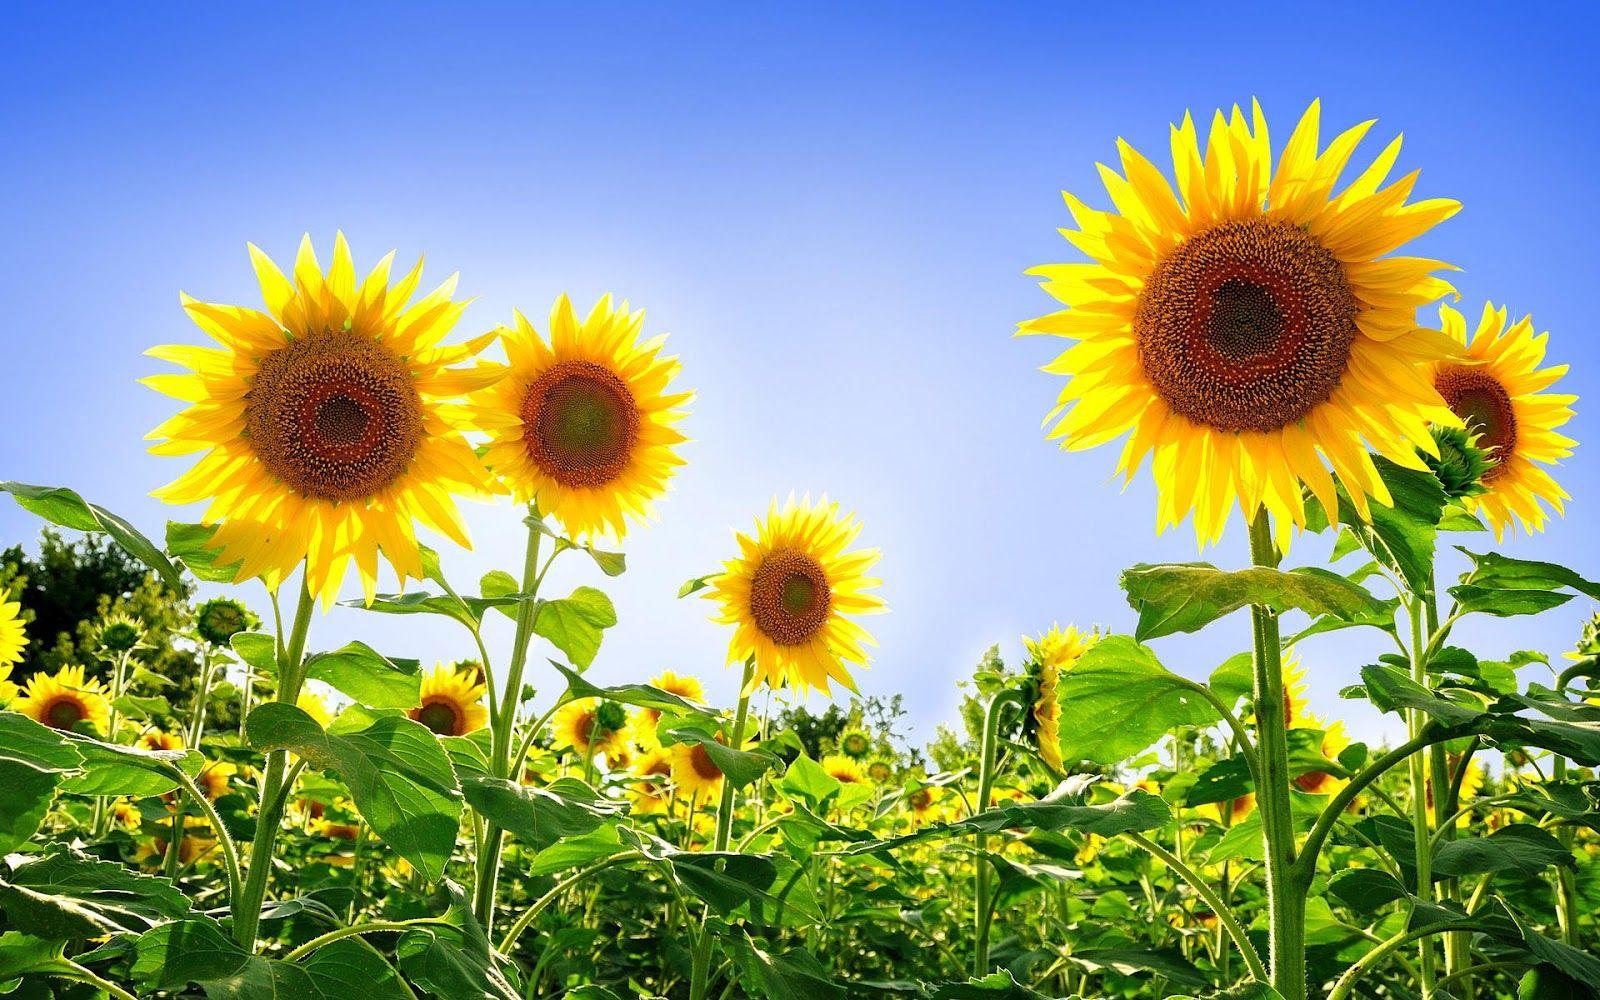 Wallpaper Foto Dan Gambar Bunga Cantik Untuk Laptop Satria Baja Hitam Sunflower Images Sunflower Wallpaper Sunflower Pictures